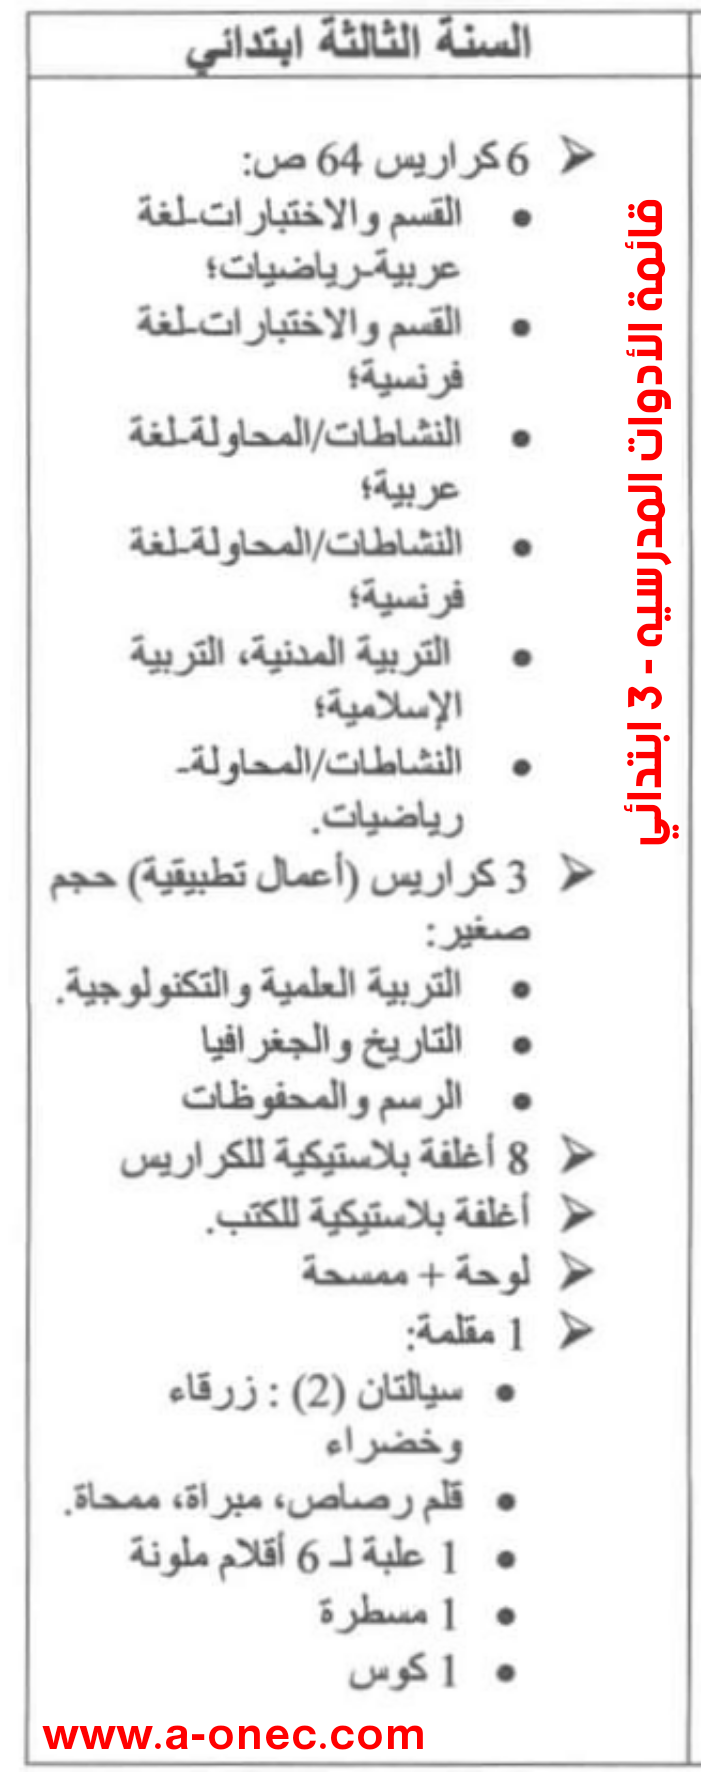 قائمة الادوات المدرسية الرسمية للسنة الثالثة ابتدائي